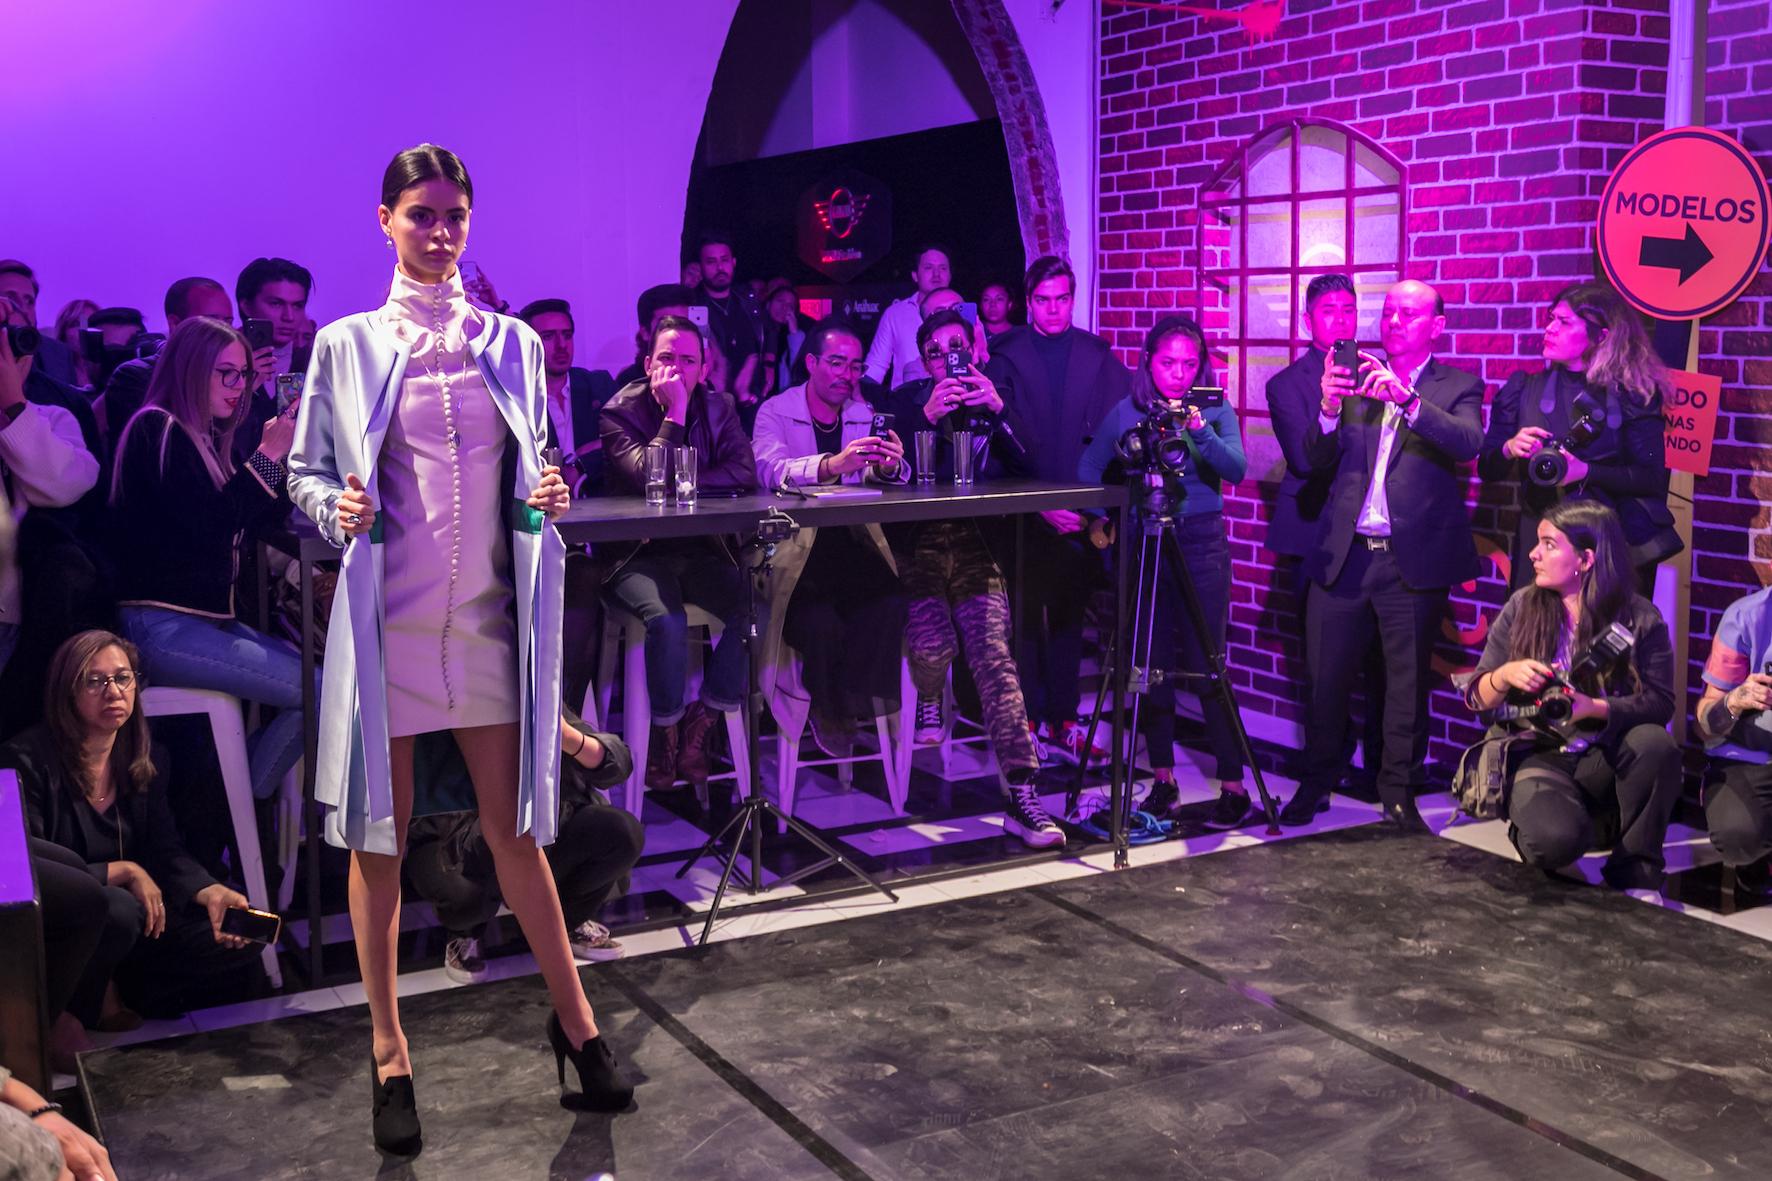 ¡Talento emergente! MINI Fashion Academy 2019 presentó colecciones de estudiantes de diseño y moda